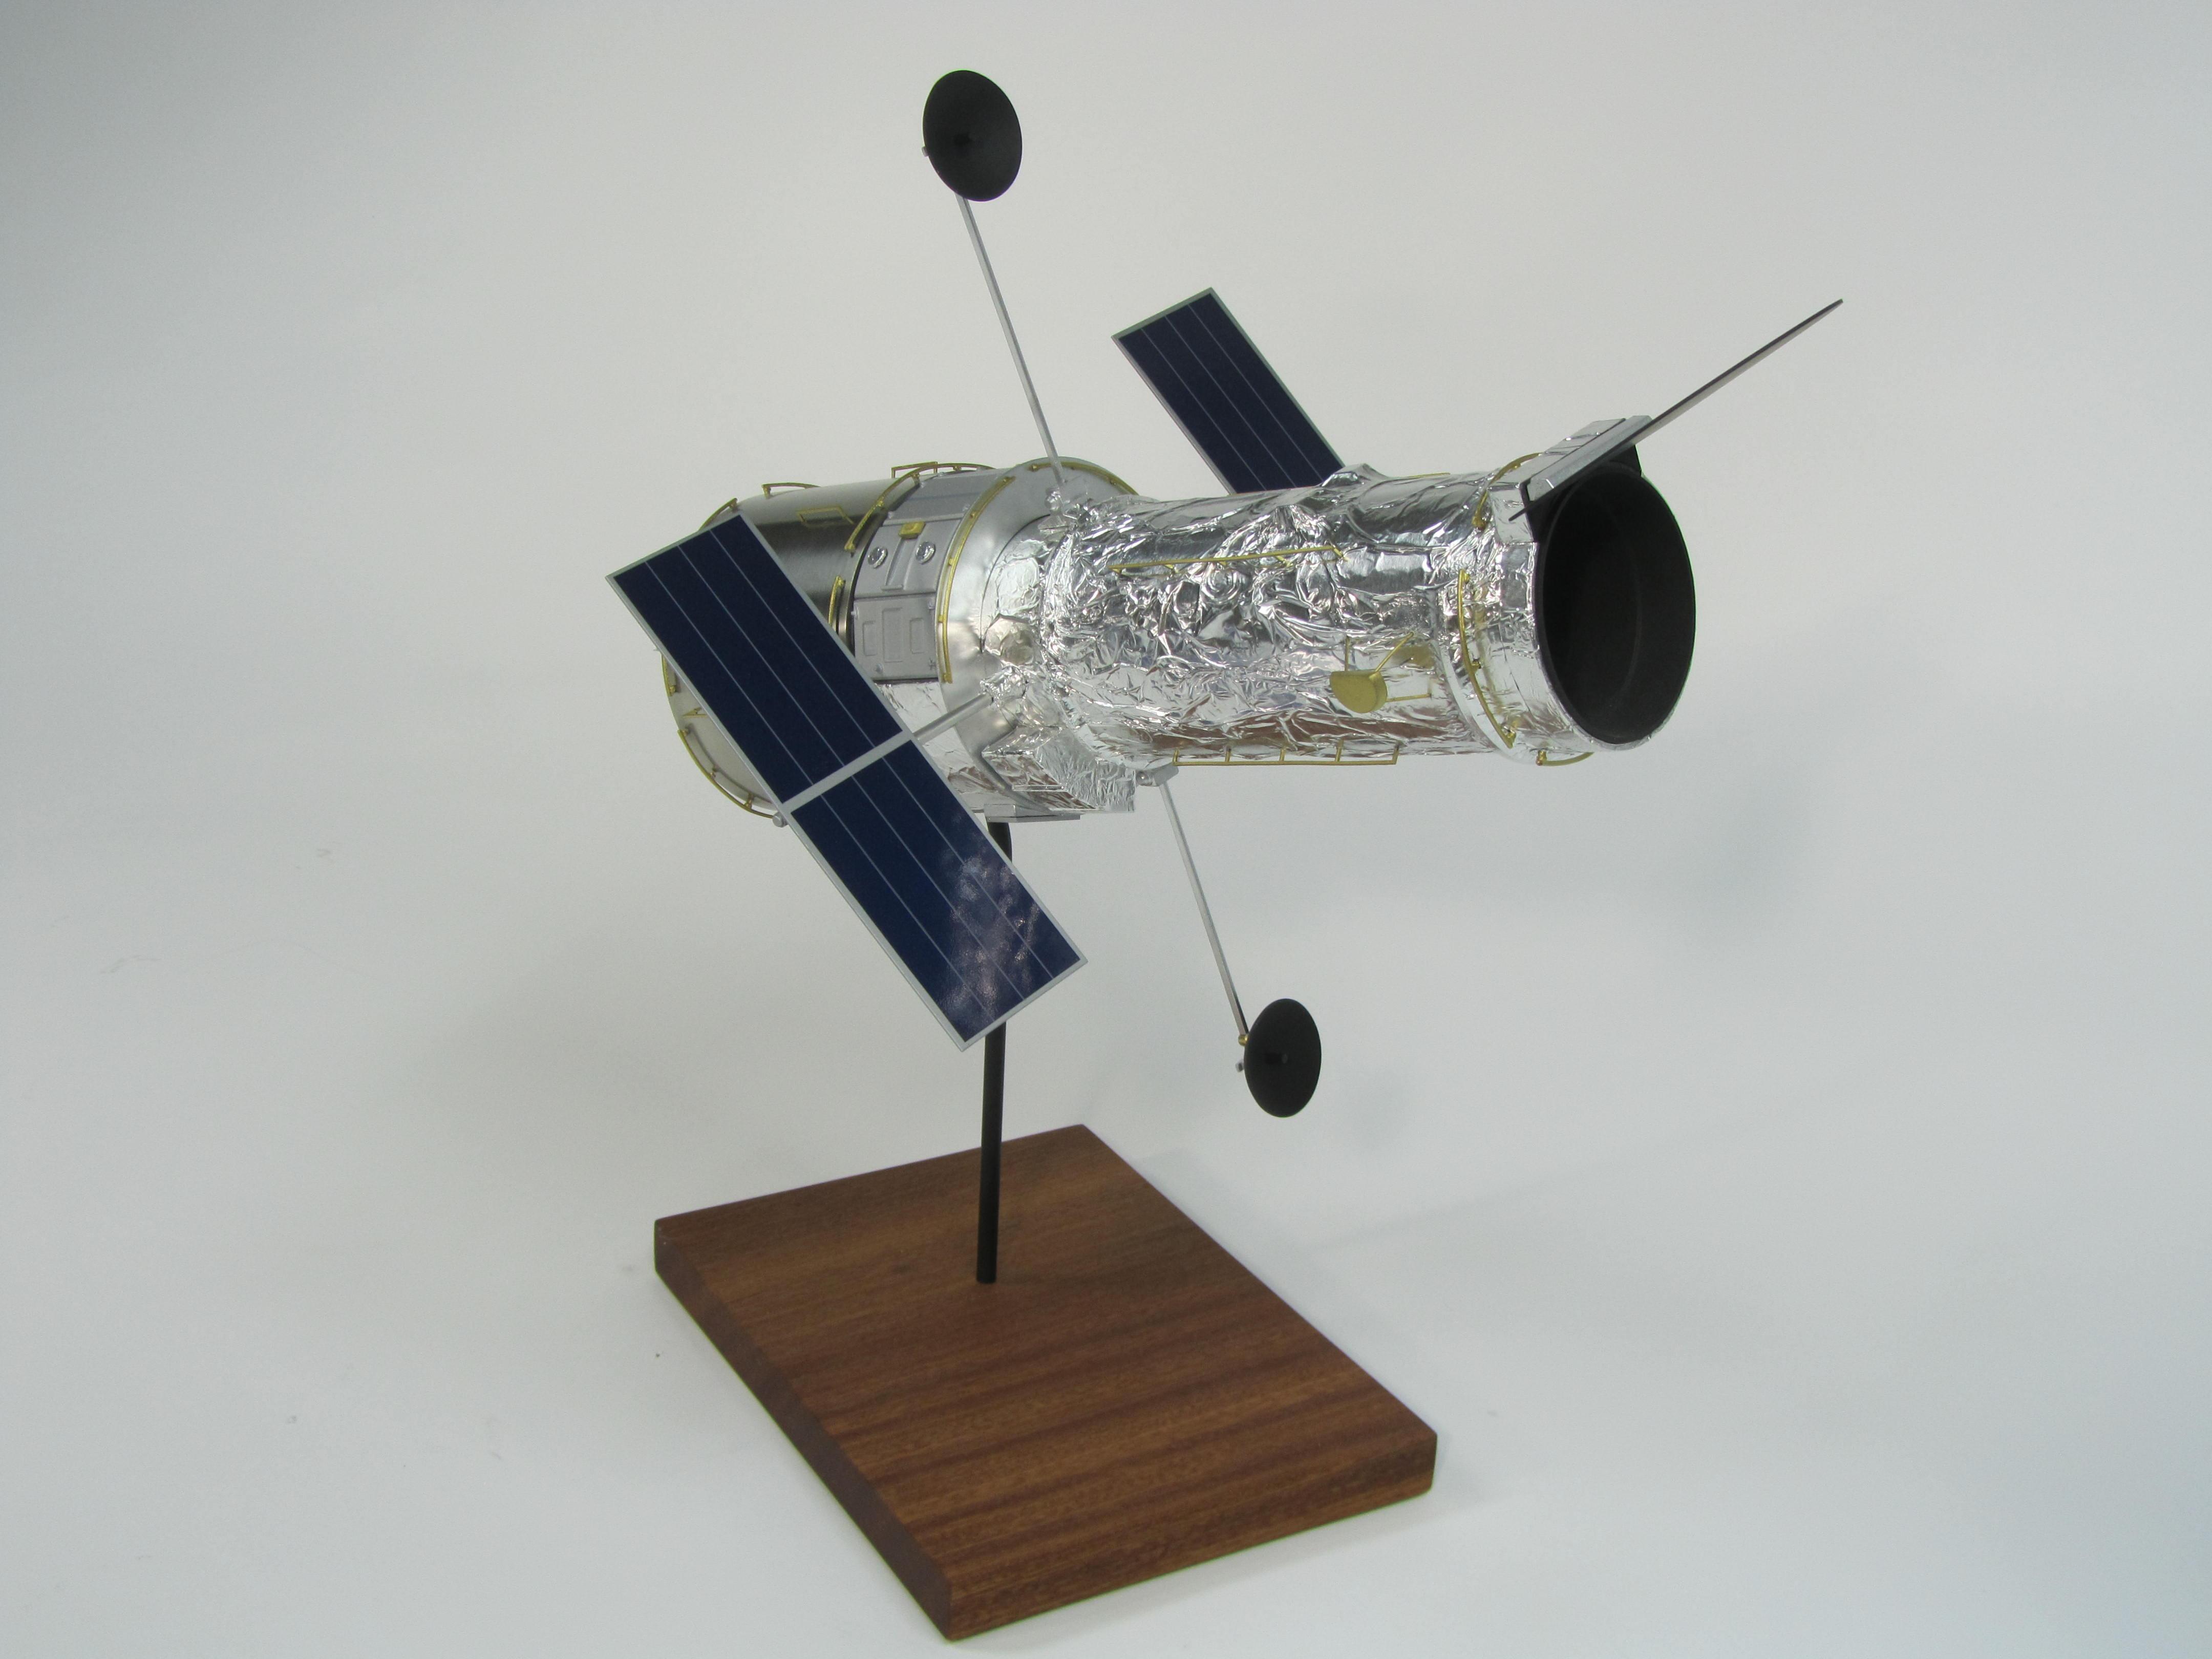 pennwalt model hubble space telescope - photo #35